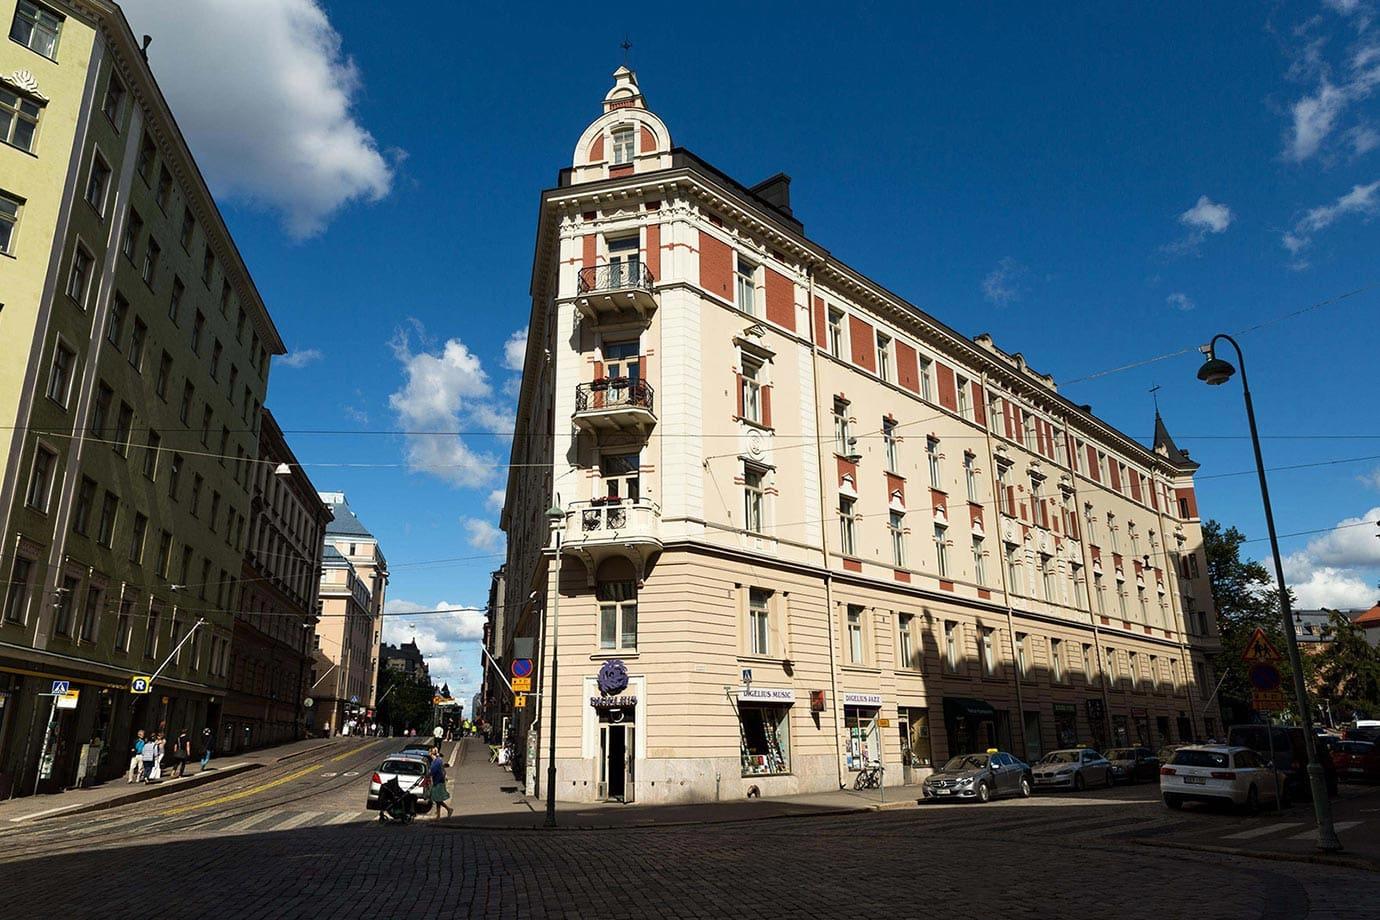 Buildings in Helsinki